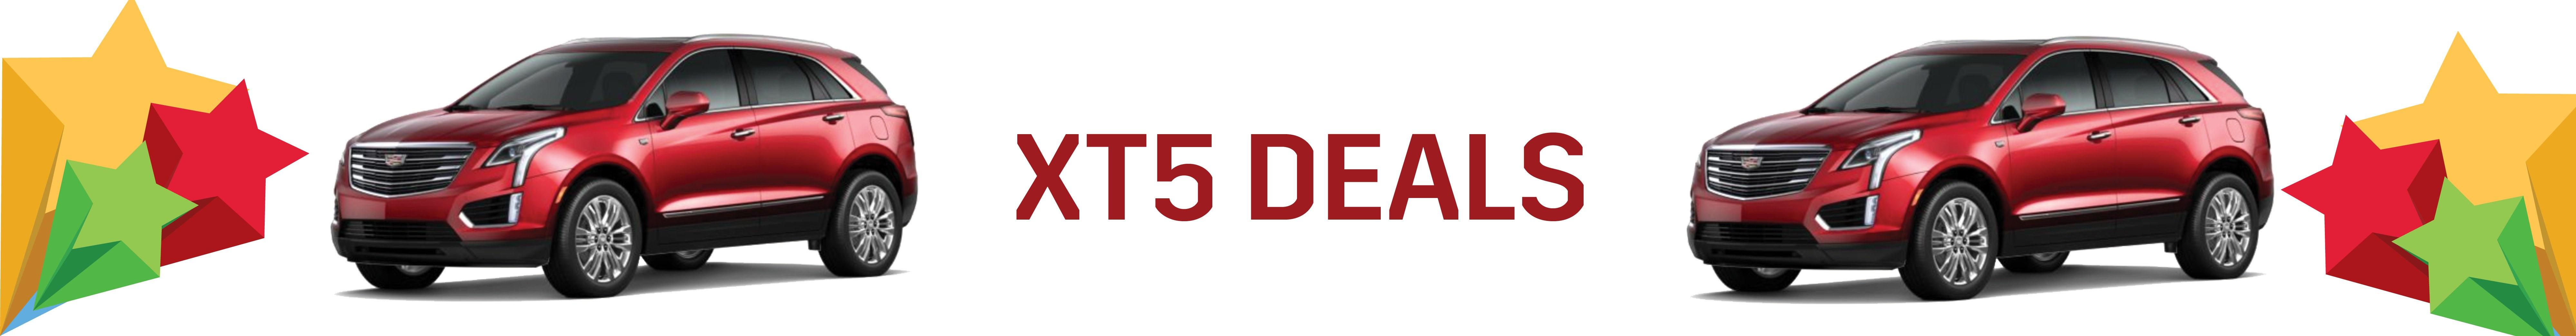 XT5 Deals